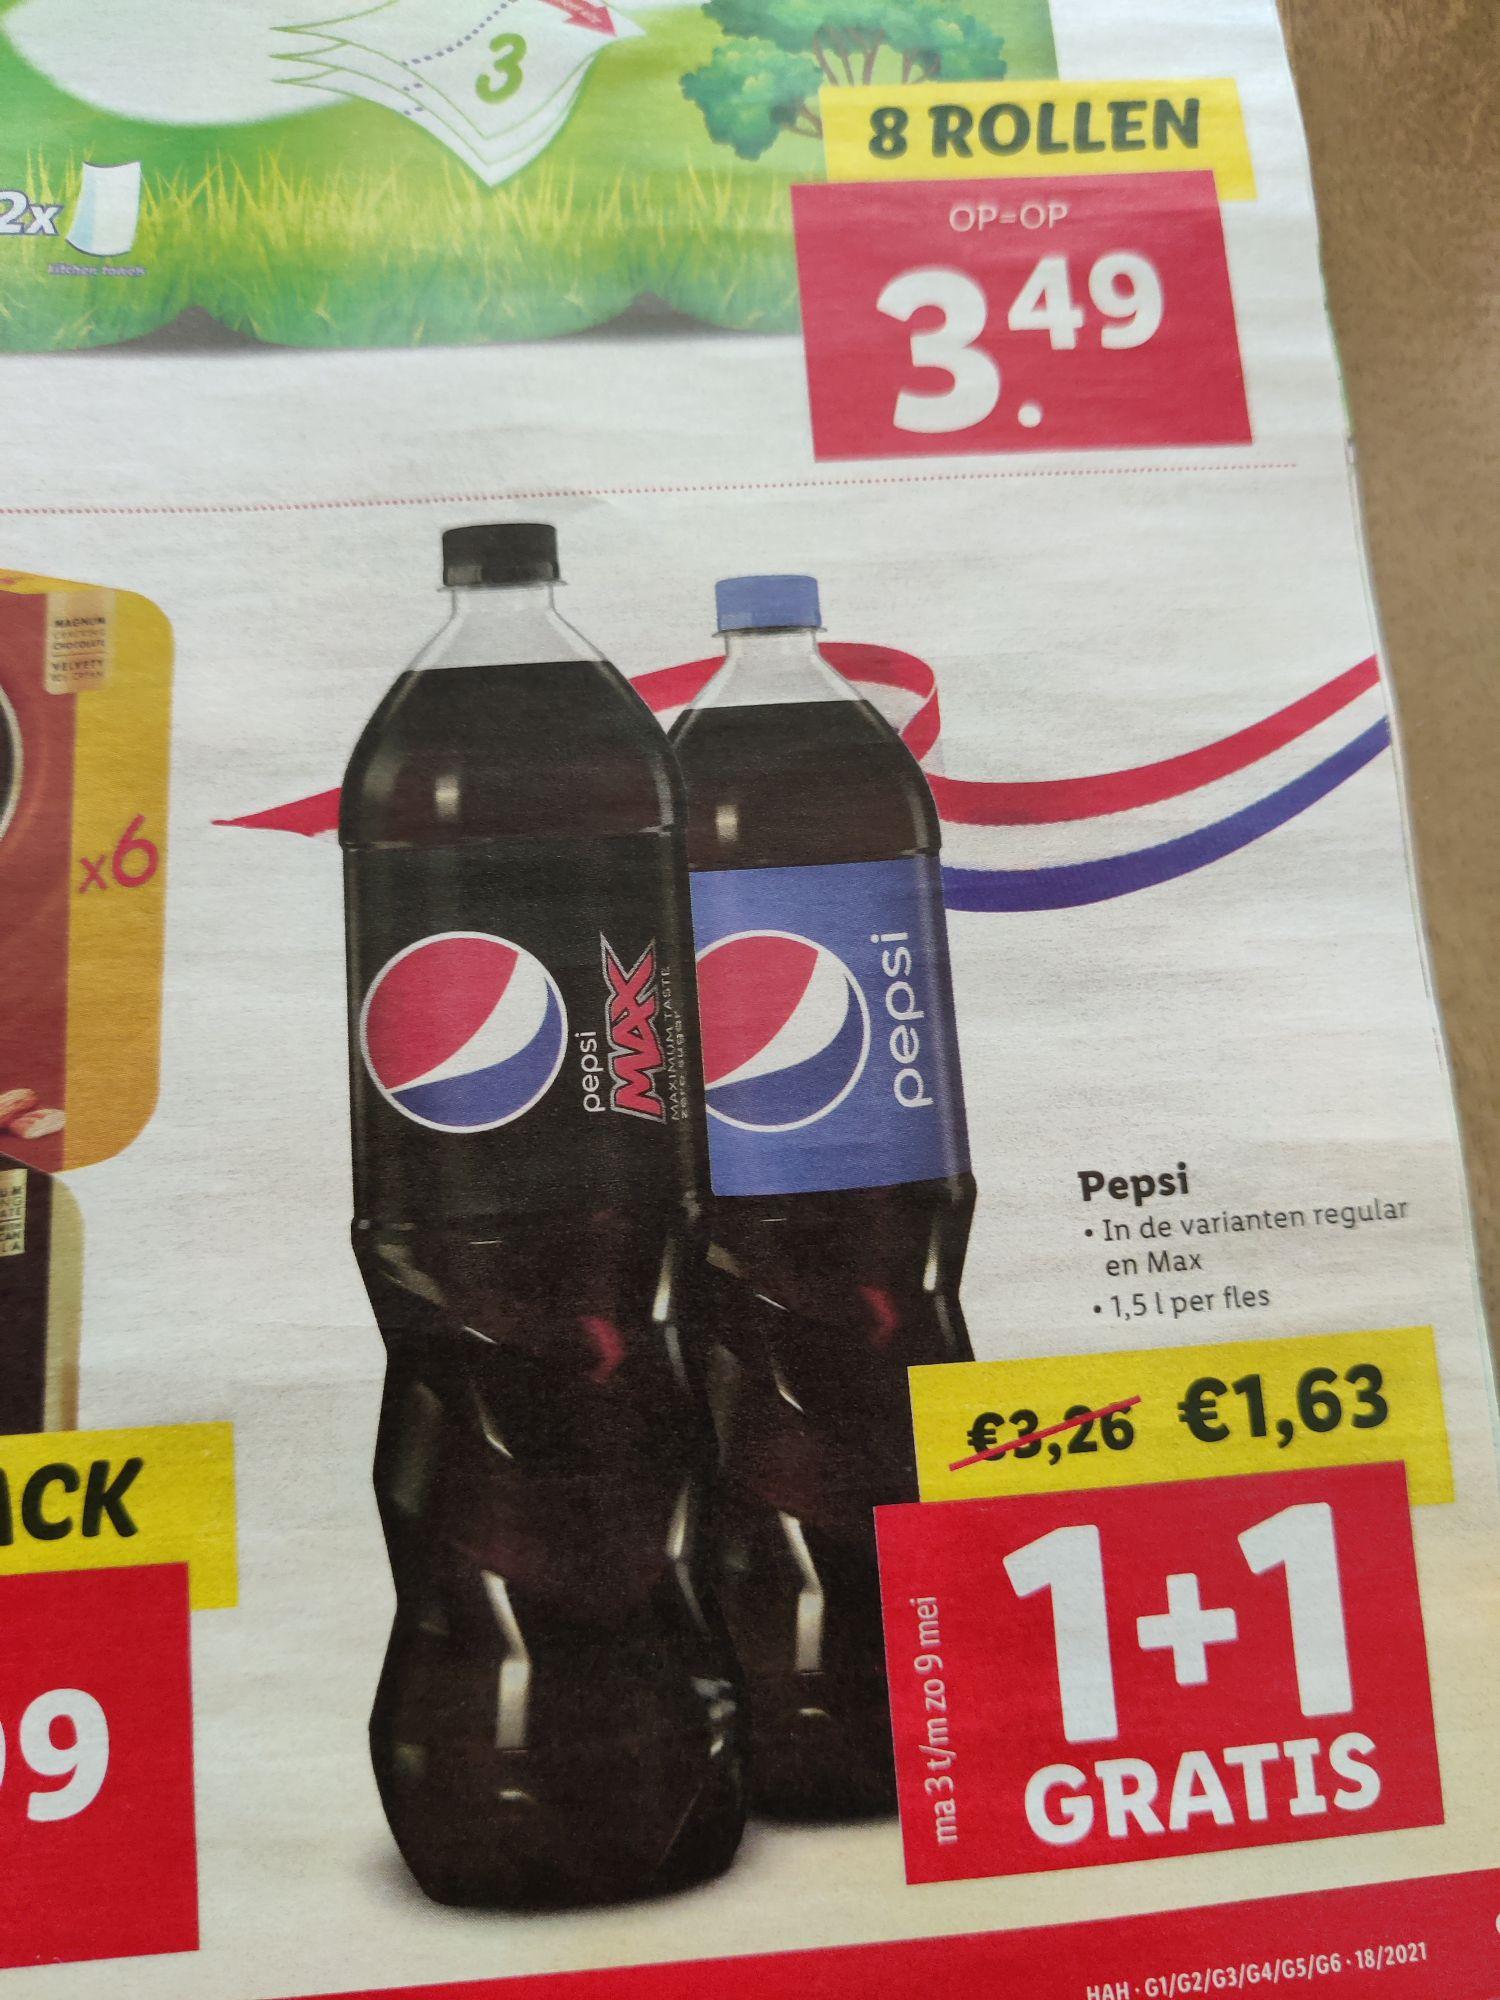 Pepsi 1+1 gratis bij Lidl vanaf 3 mei